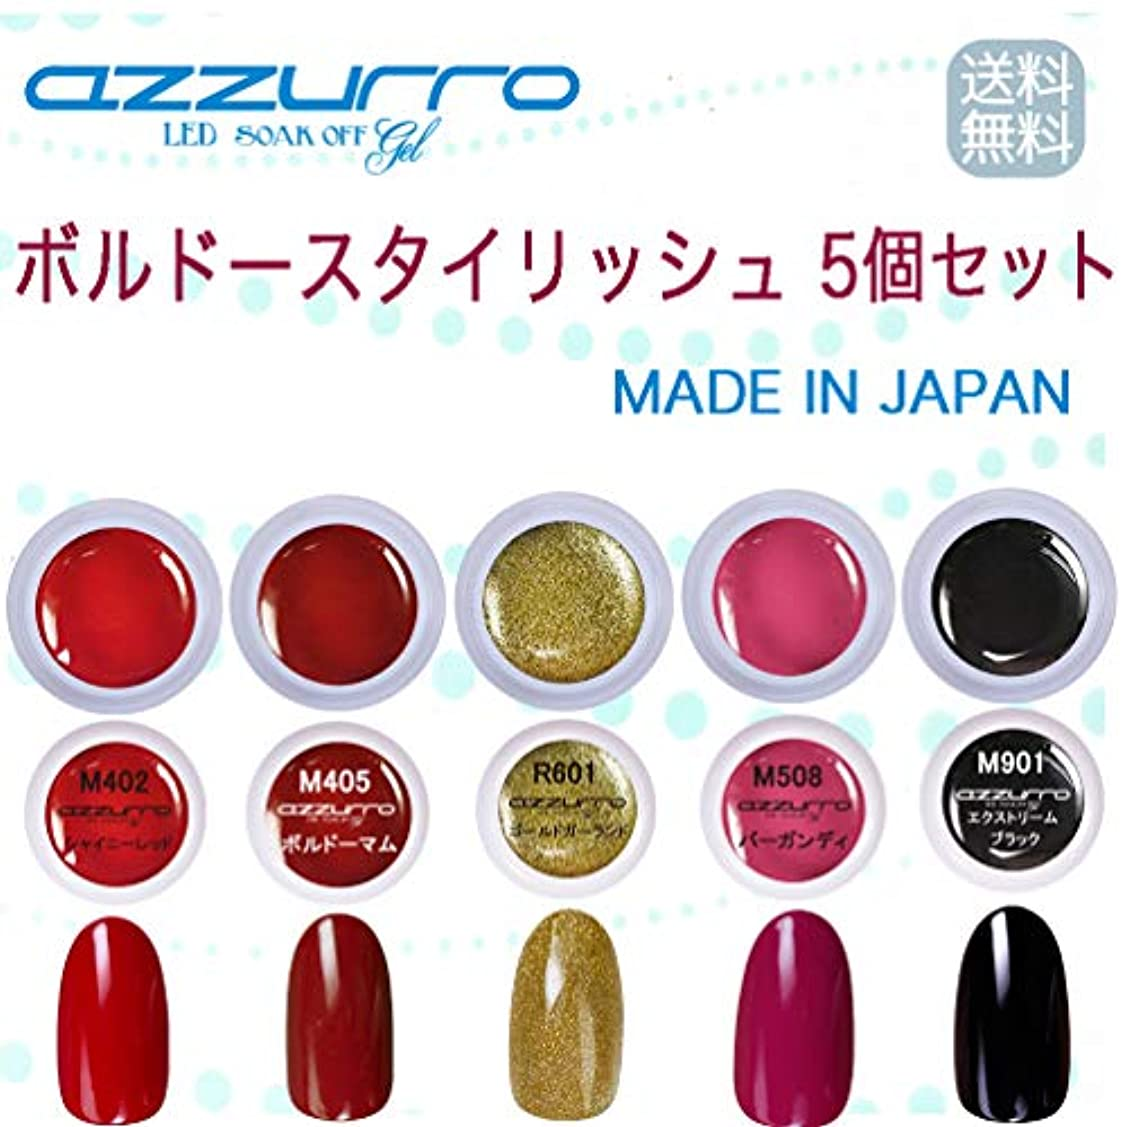 小麦粉病弱保守的【送料無料】日本製 azzurro gel ボルドースタイリッシュカラージェル5個セット ネイルアートのマストカラーボルドーとブラックをセット